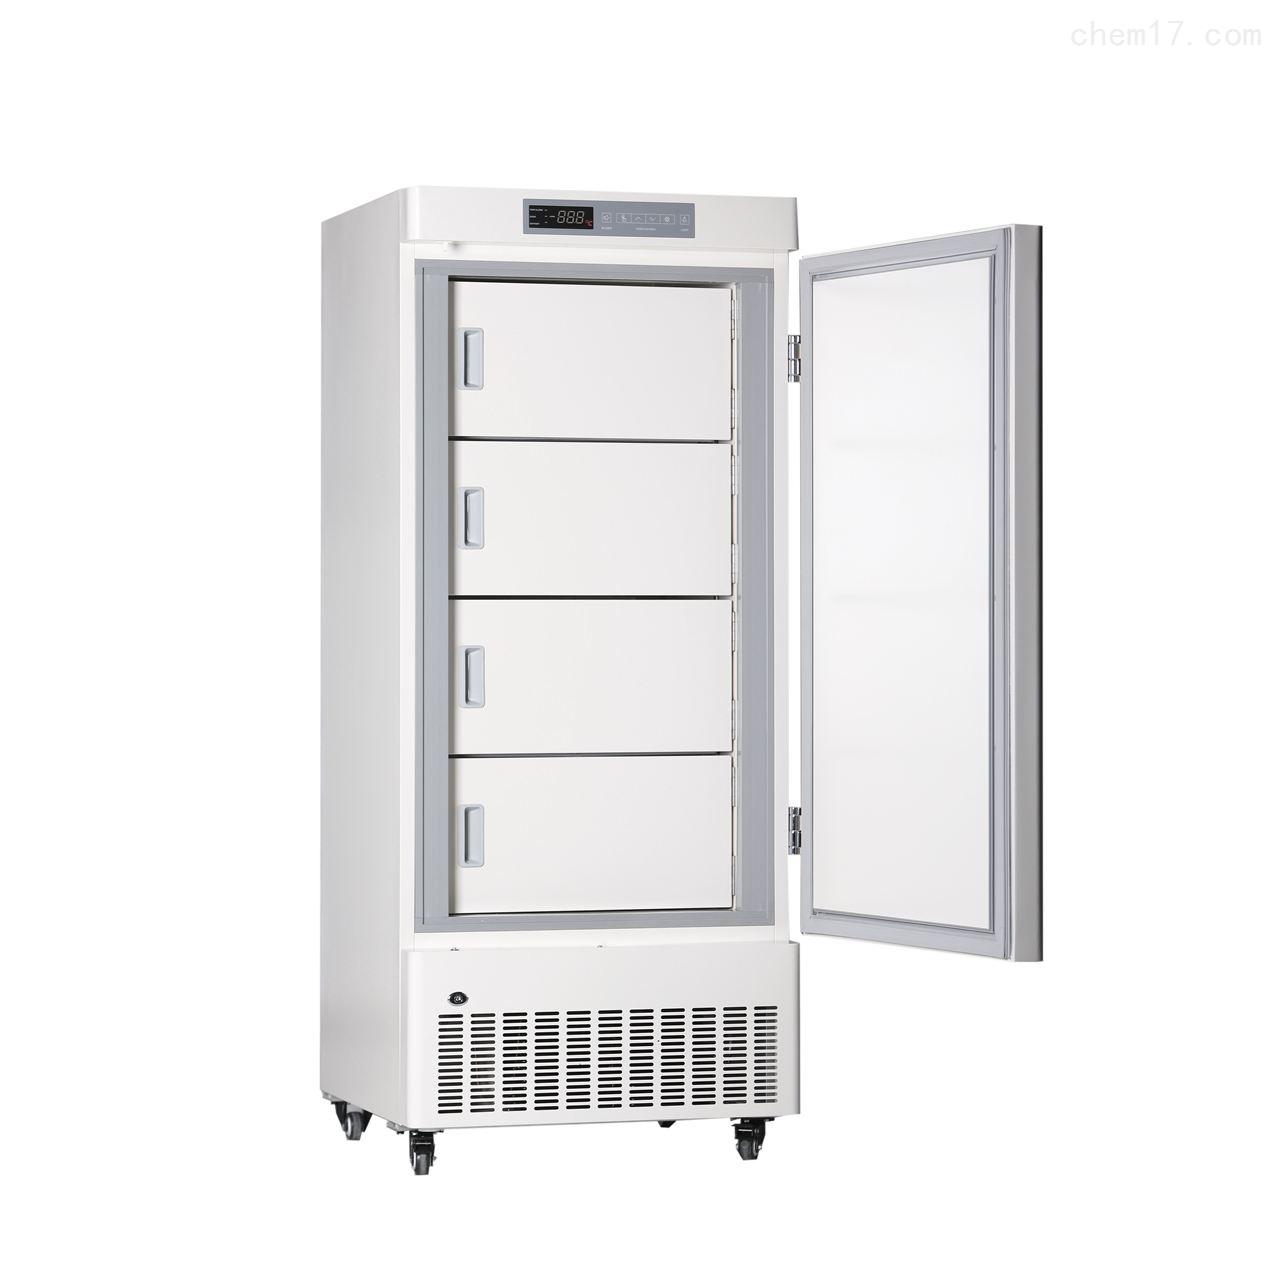 BDF86V158型医用-80度超低温冰箱